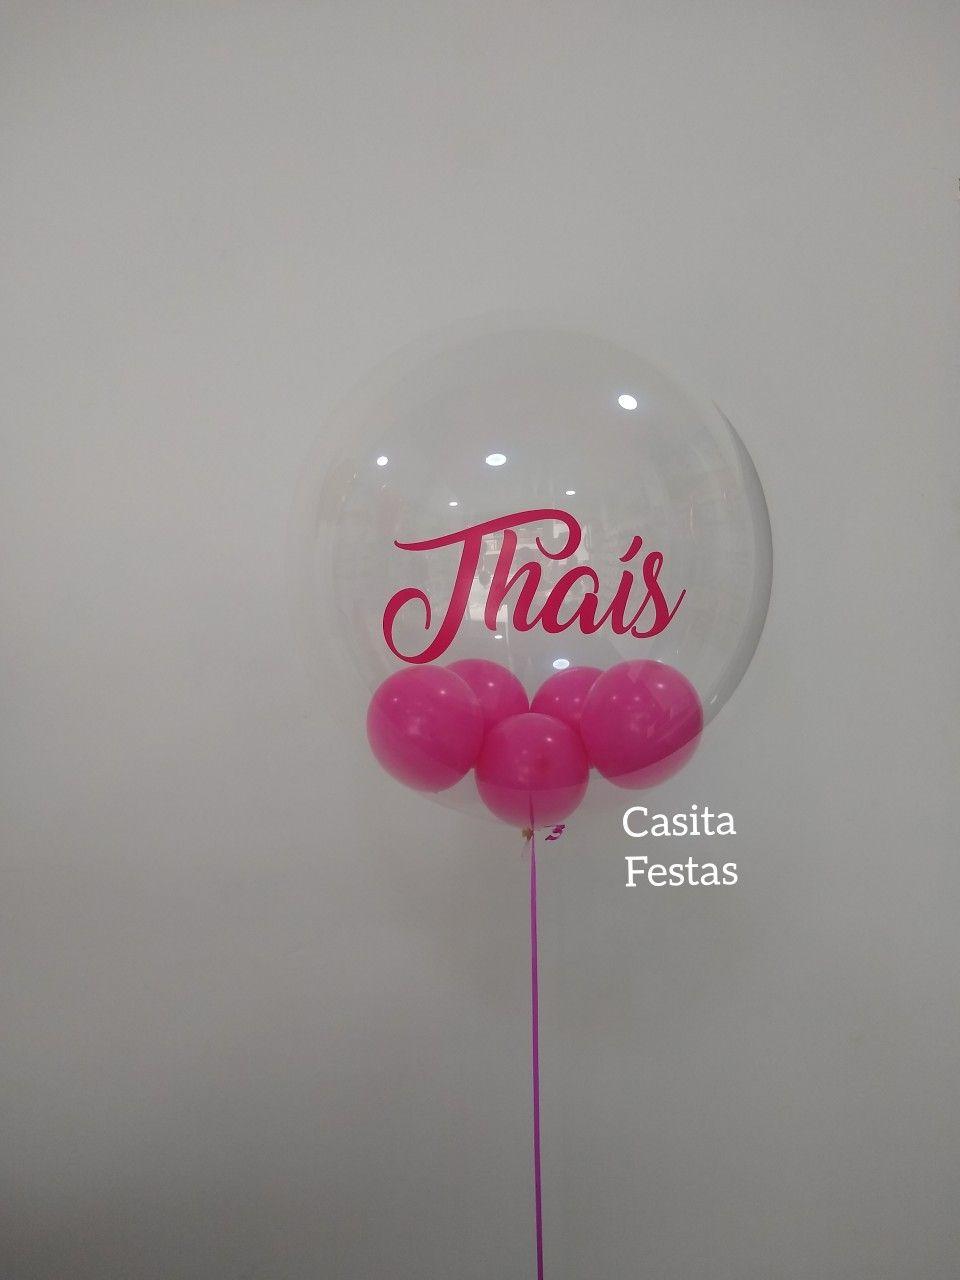 Pin De Ligia Marcondes Em Tema Baloes Baloes Personalizados